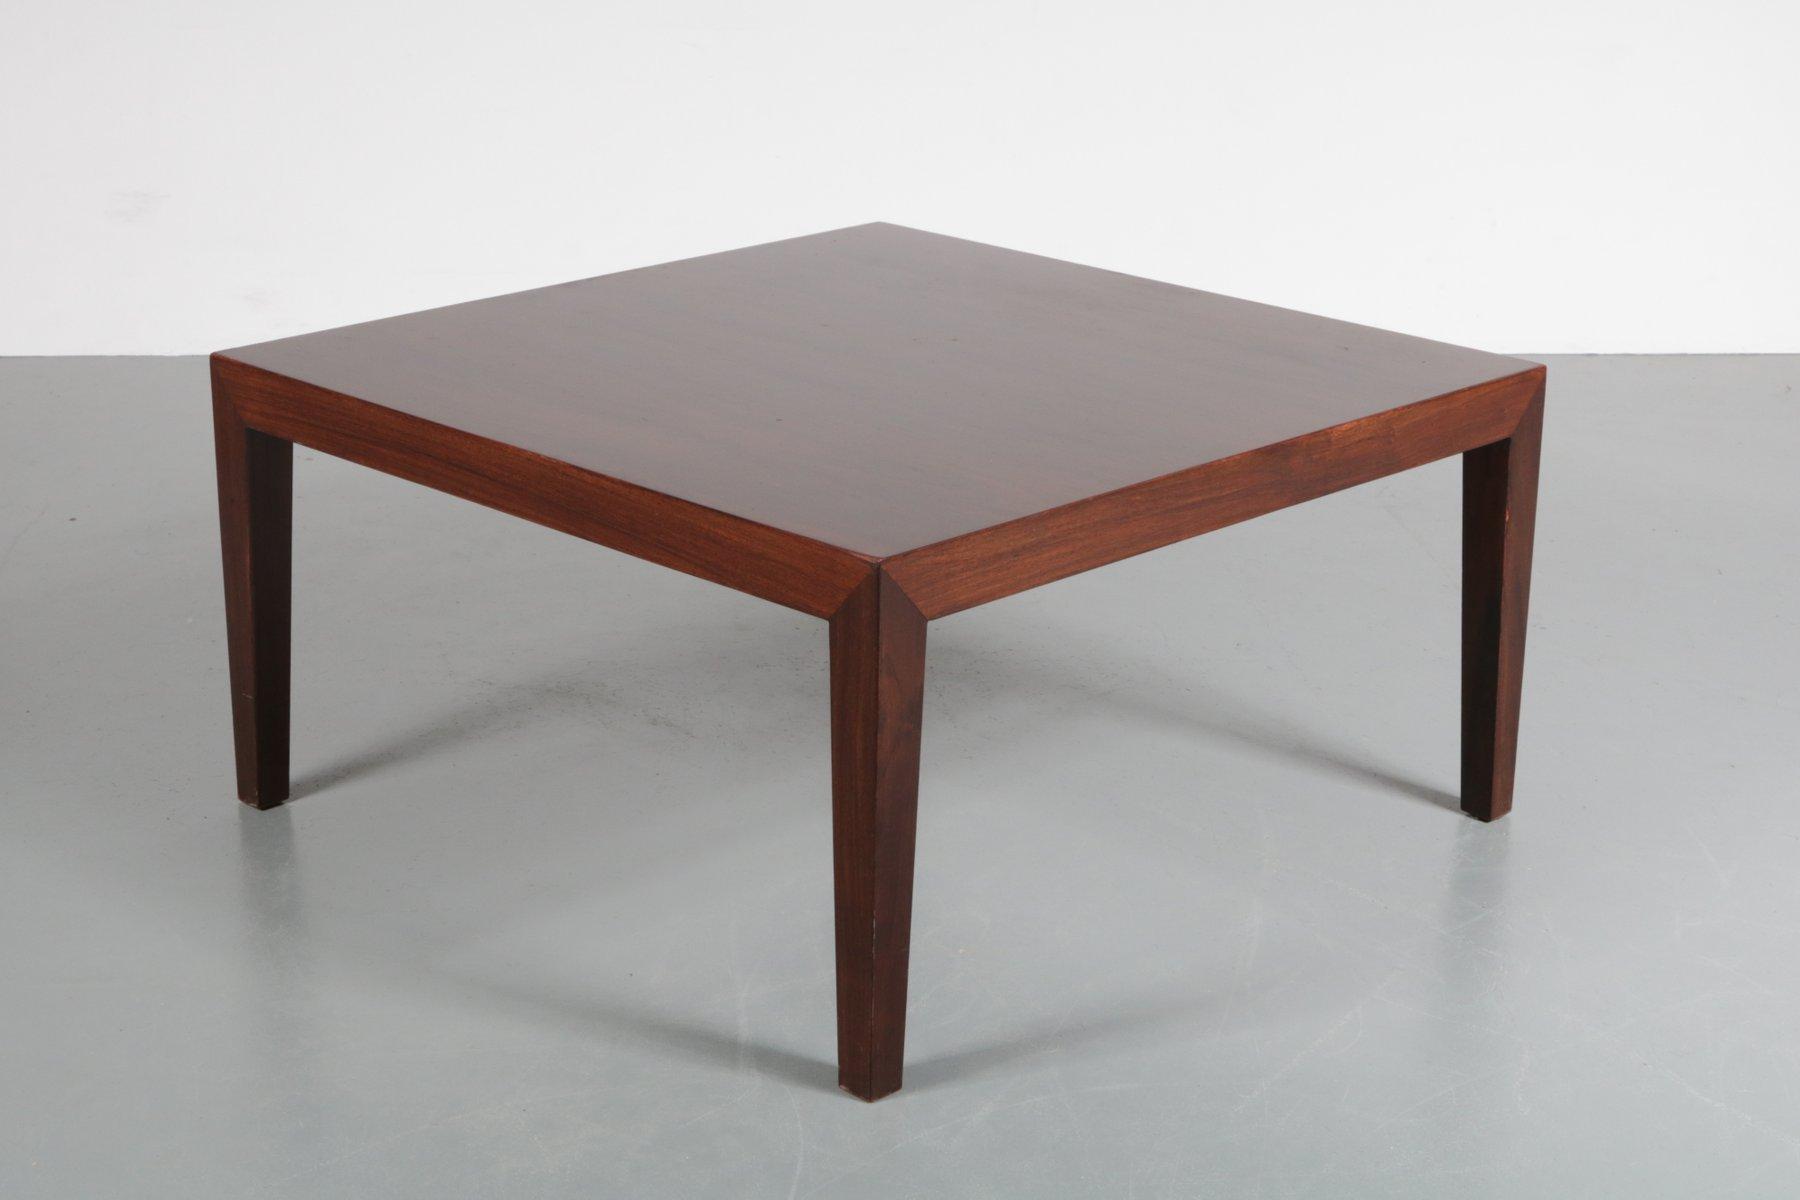 skandinavischer couchtisch von severin hansen f r. Black Bedroom Furniture Sets. Home Design Ideas